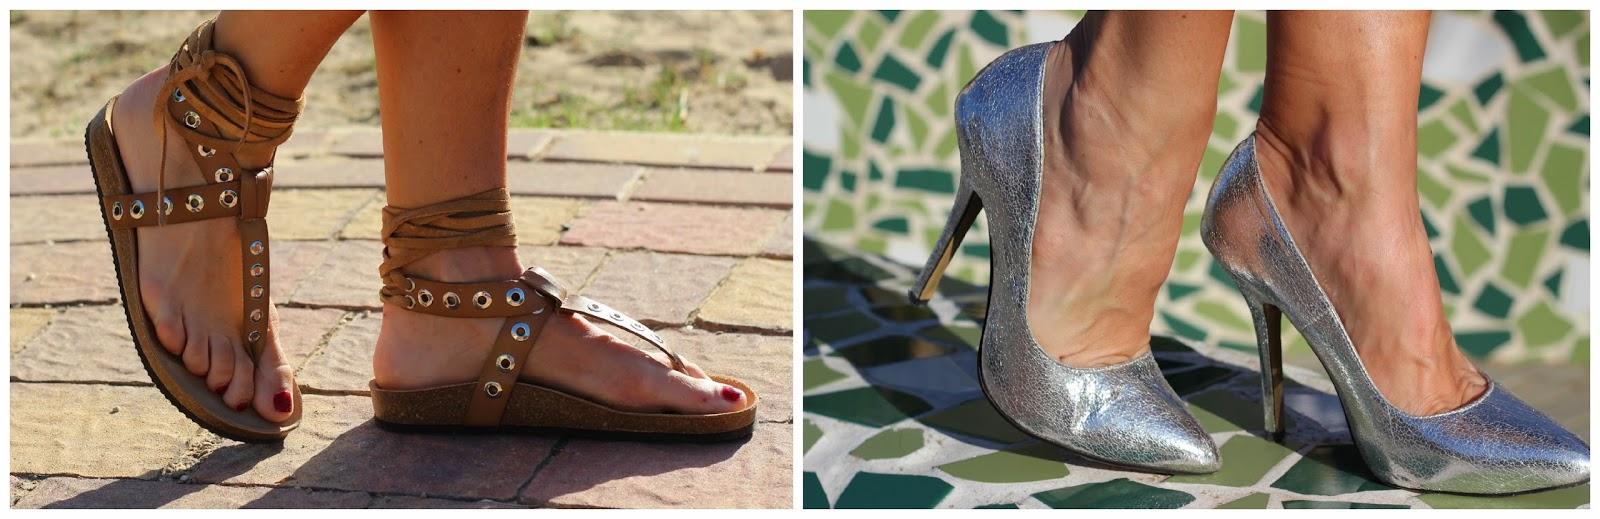 Sandalia%2Bo%2Btac%25C3%25B3n Giày sandal nữ   đôi giày hoàn hảo cho mùa hè